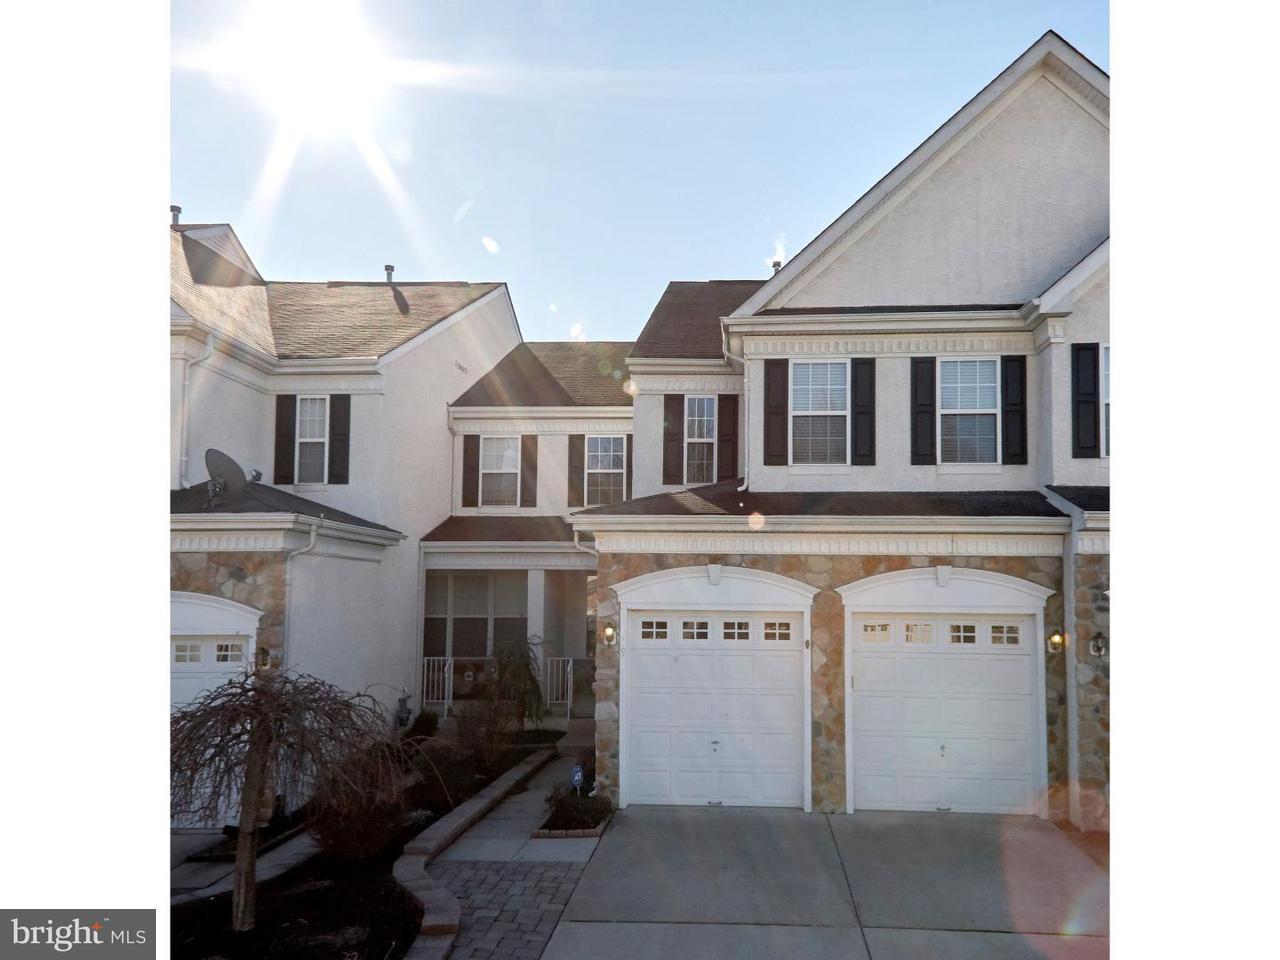 Casa unifamiliar adosada (Townhouse) por un Alquiler en 19 HATHAWAY Court Evesham Twp, Nueva Jersey 08053 Estados Unidos